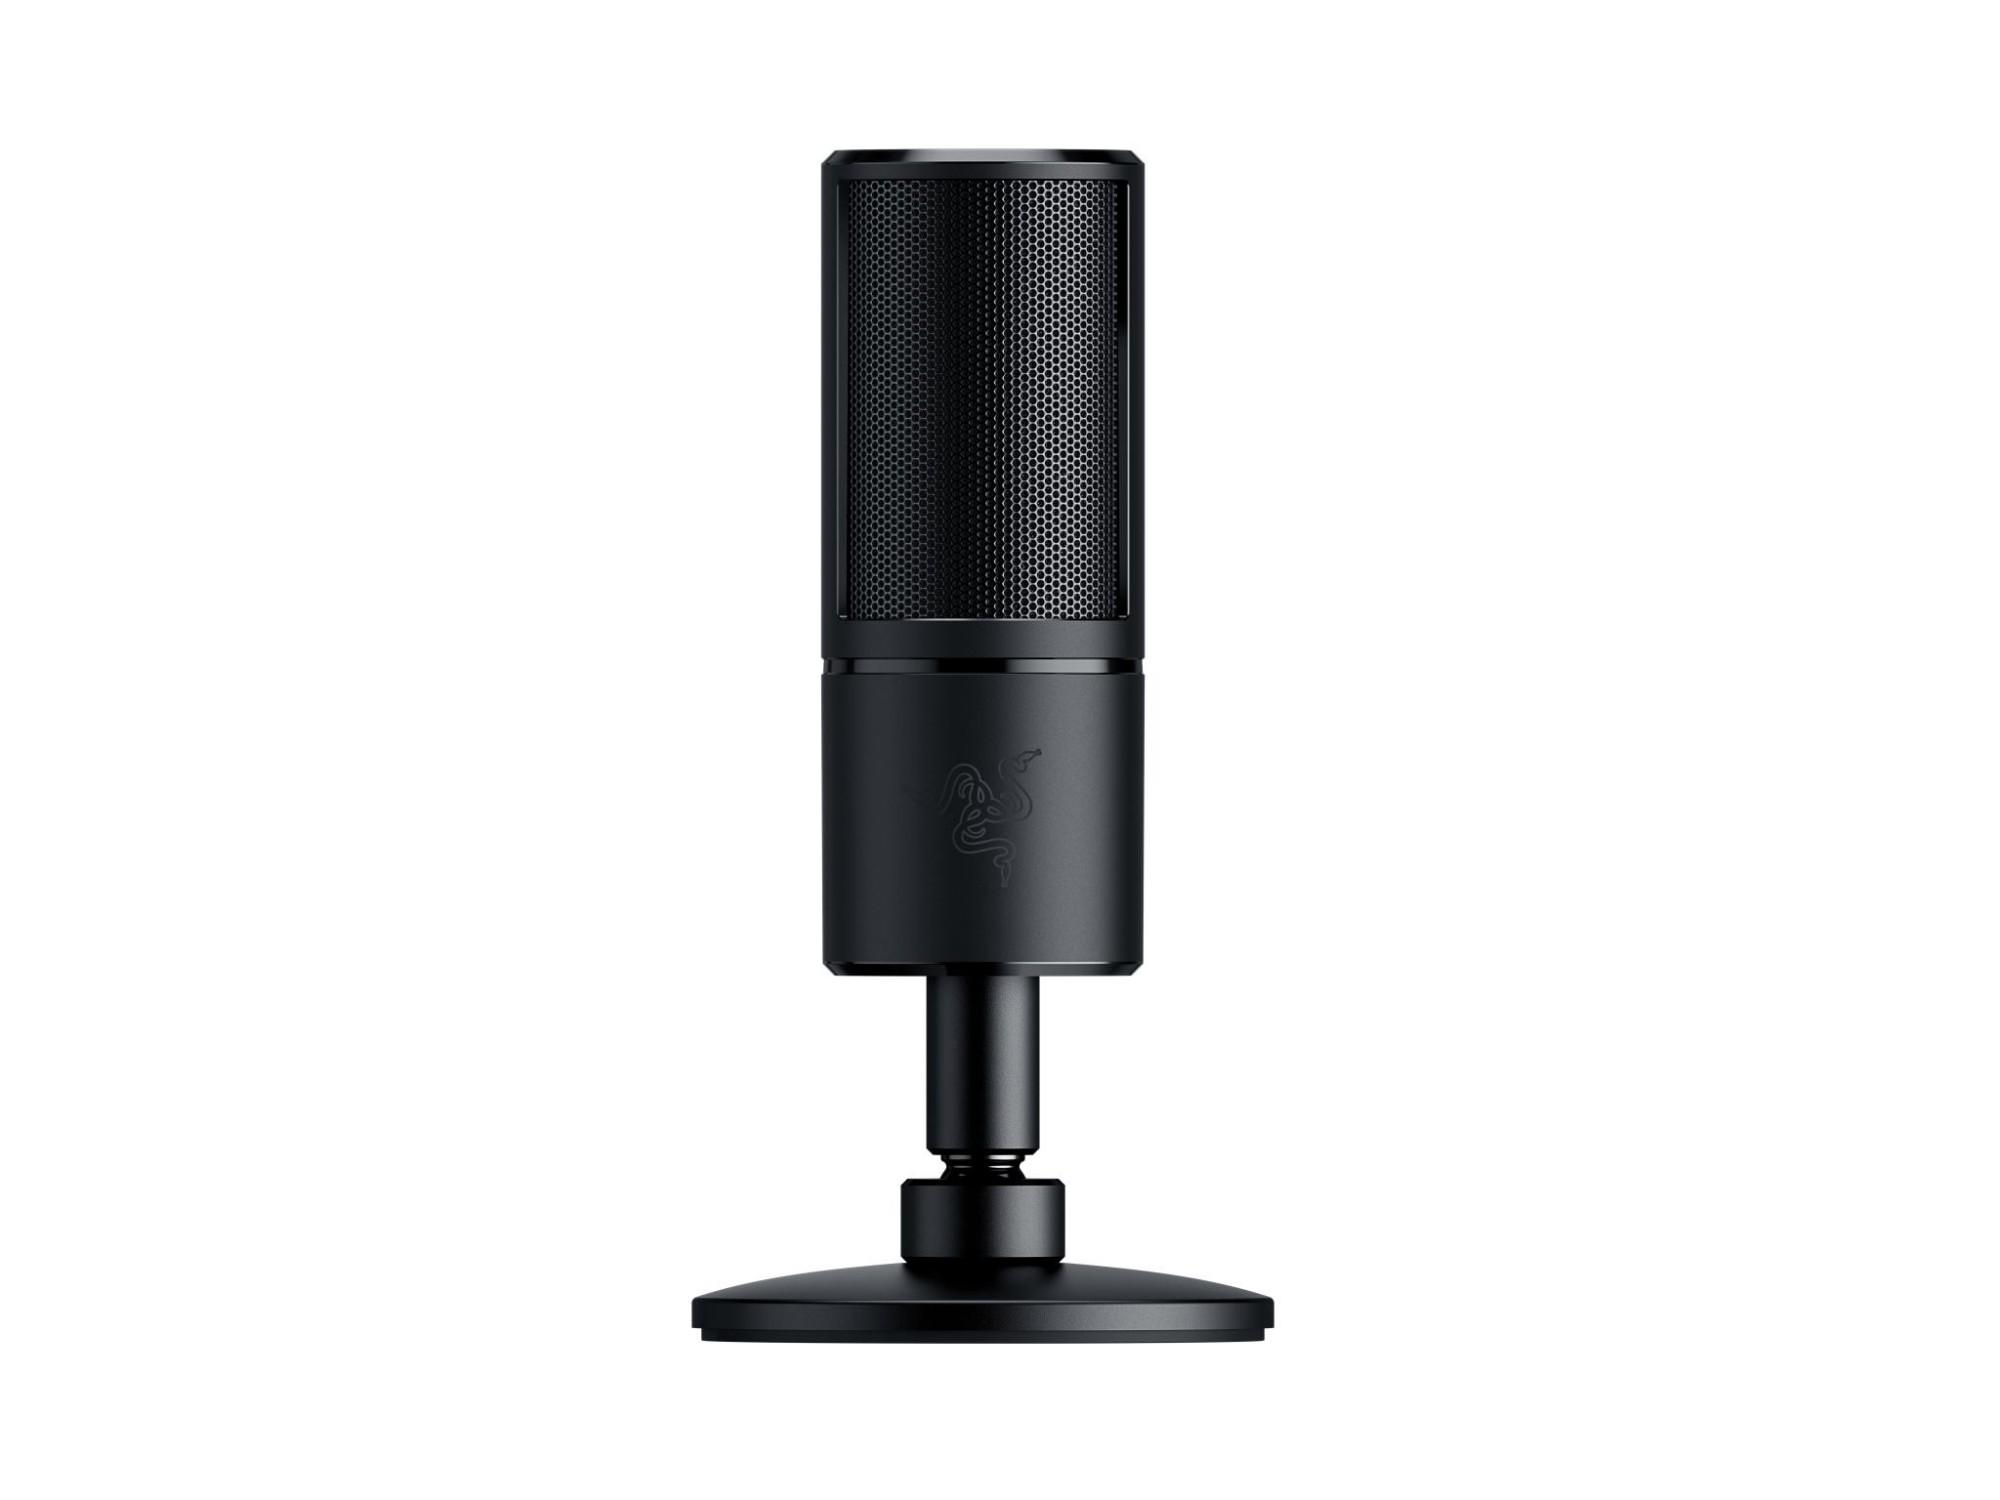 Razer Seiren X Studio microphone Black